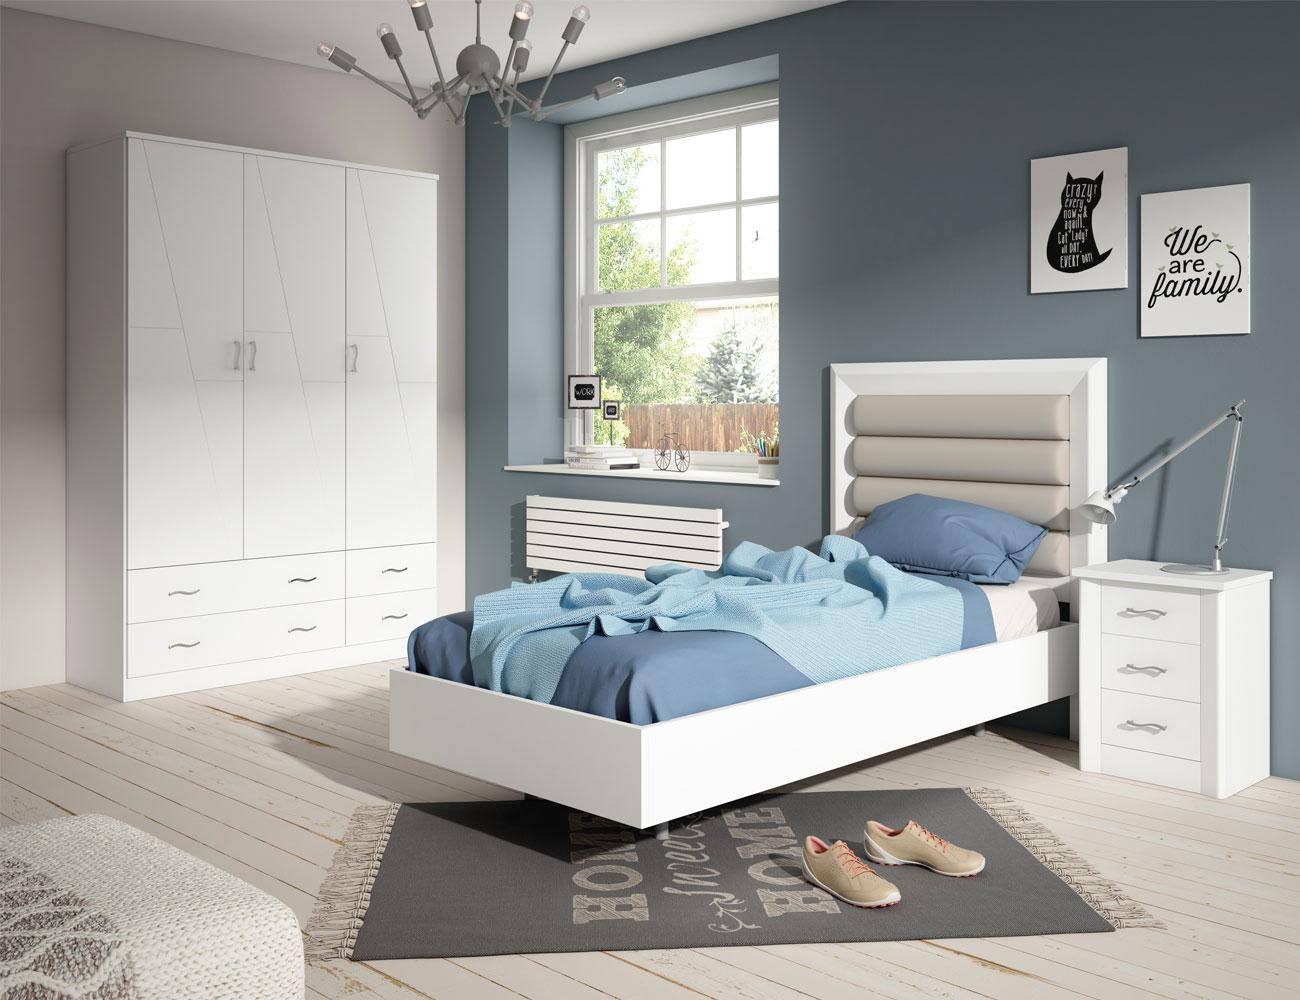 6 dormitorio juvenil cabecero tapizado madera blanco lacado1